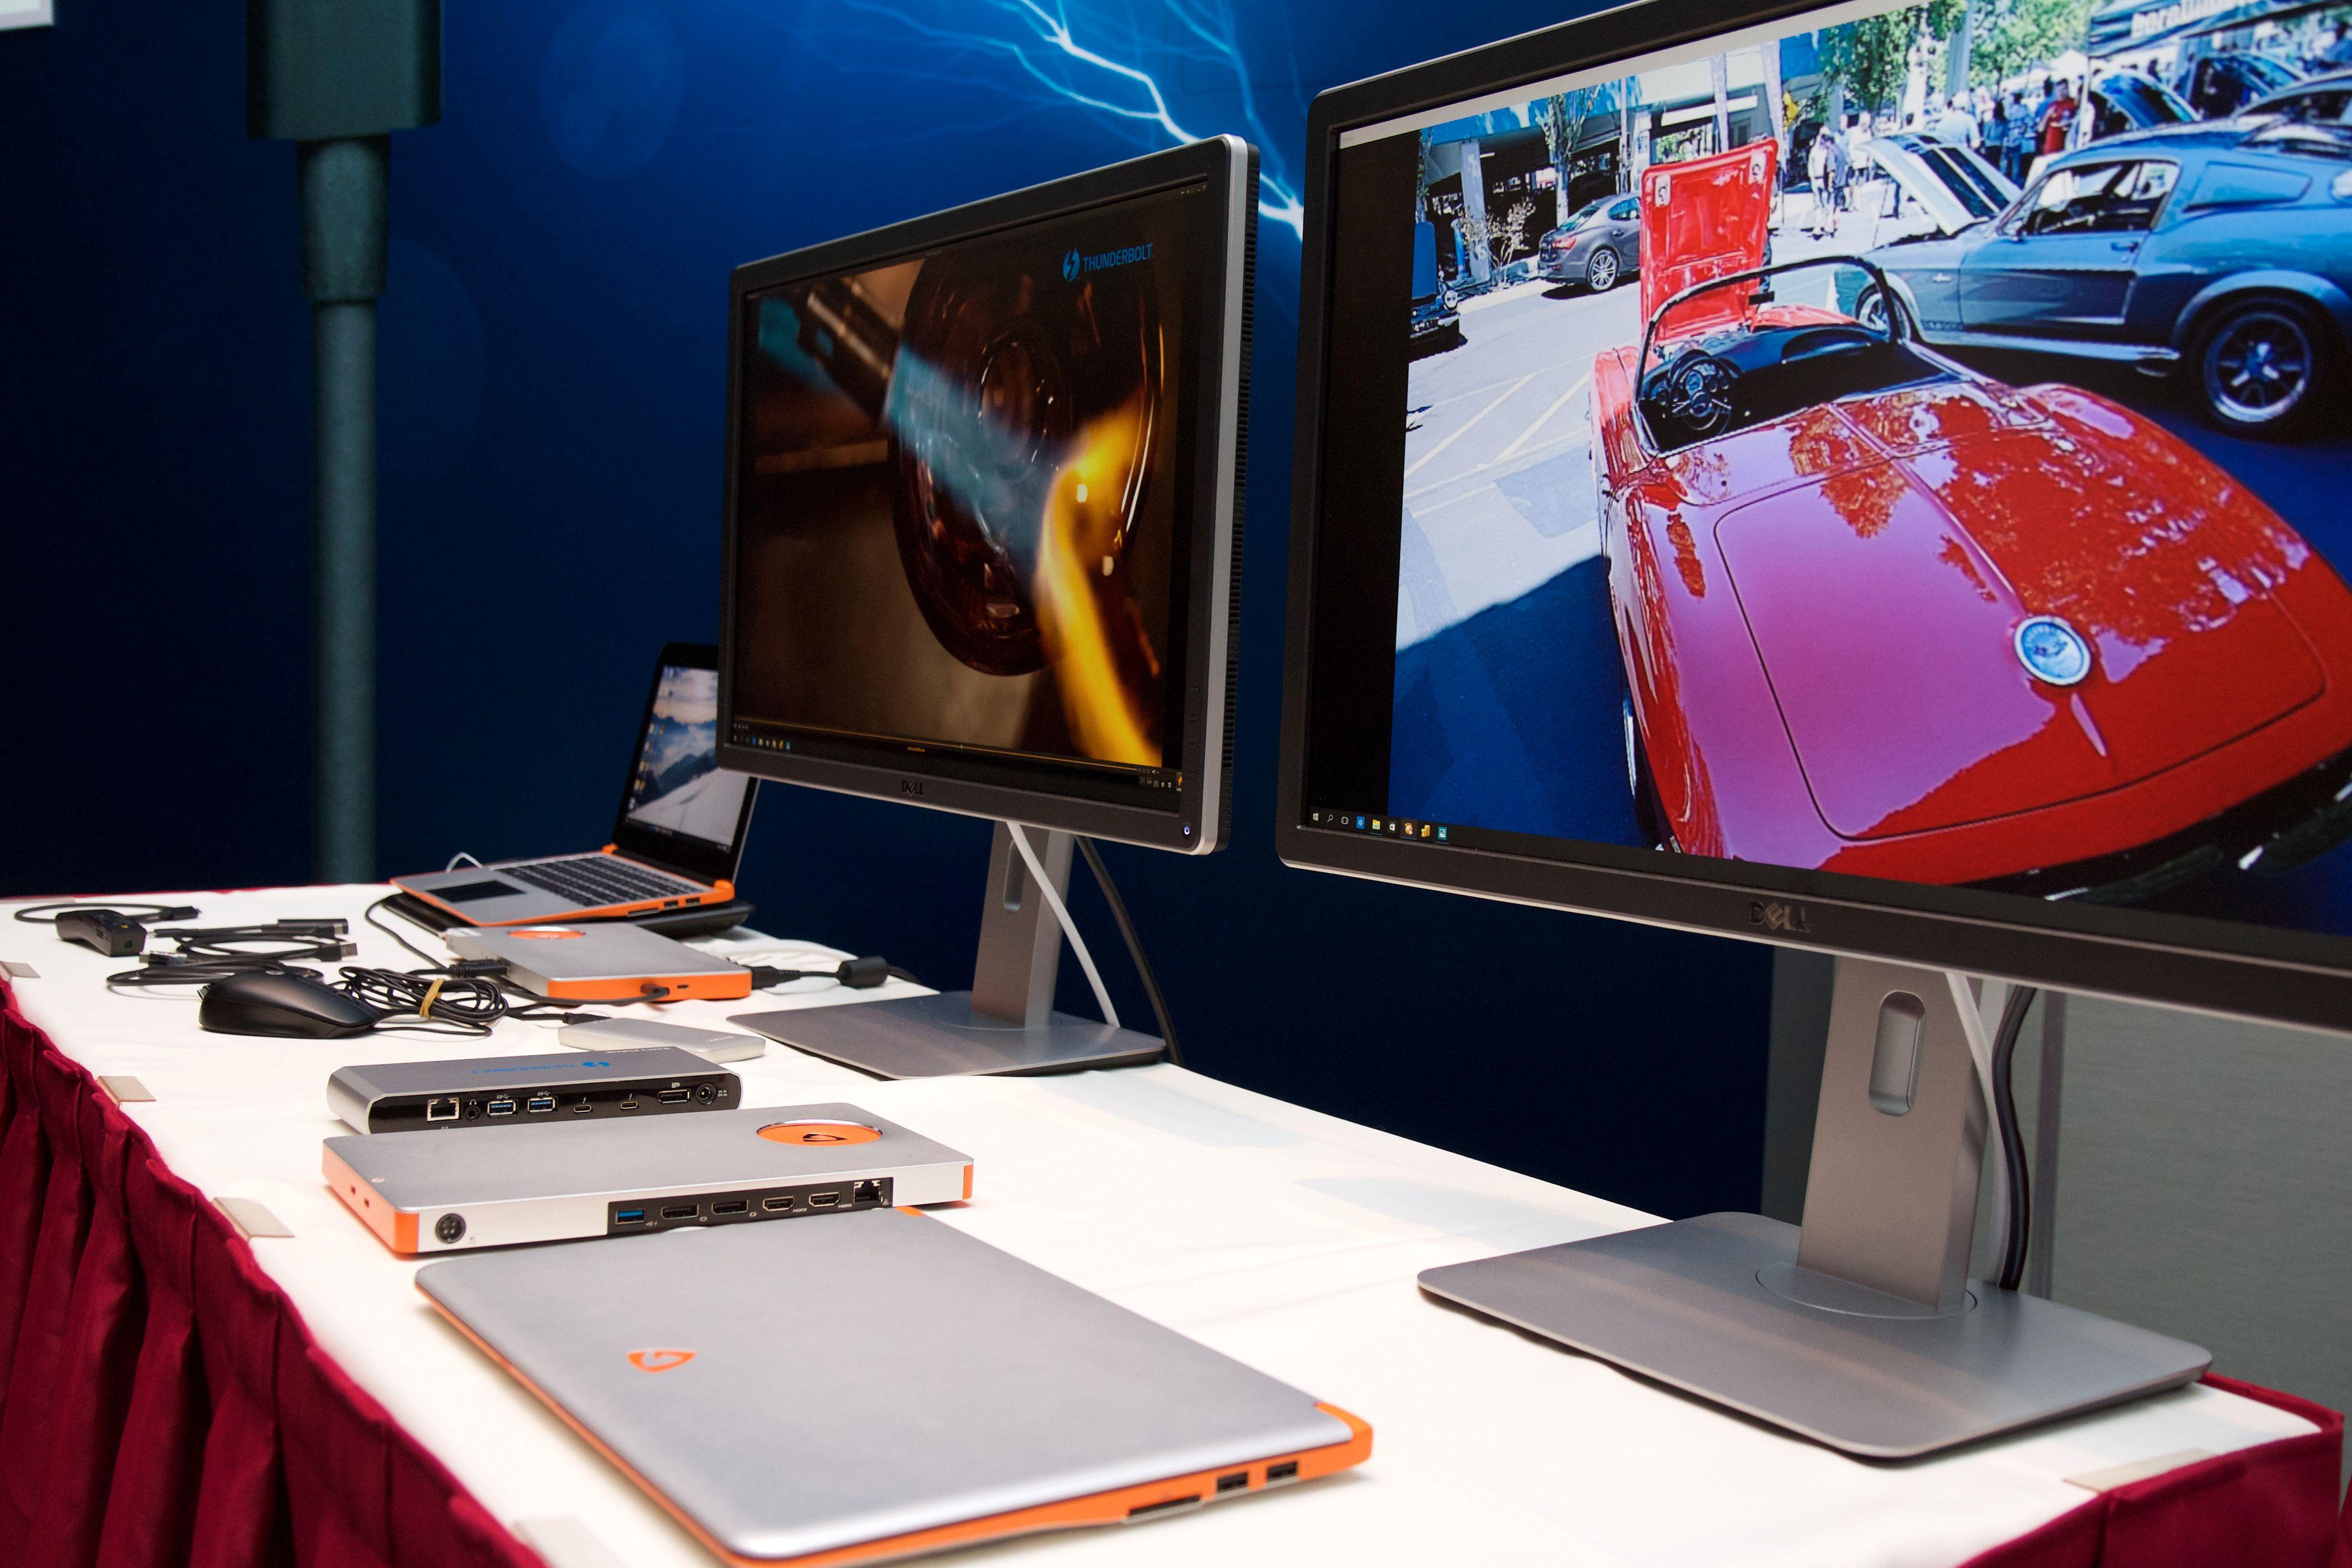 En rekke ulike skjermer, disker og dokkingløsninger var stilt ut. Foto: Kurt Lekanger, Tek.no